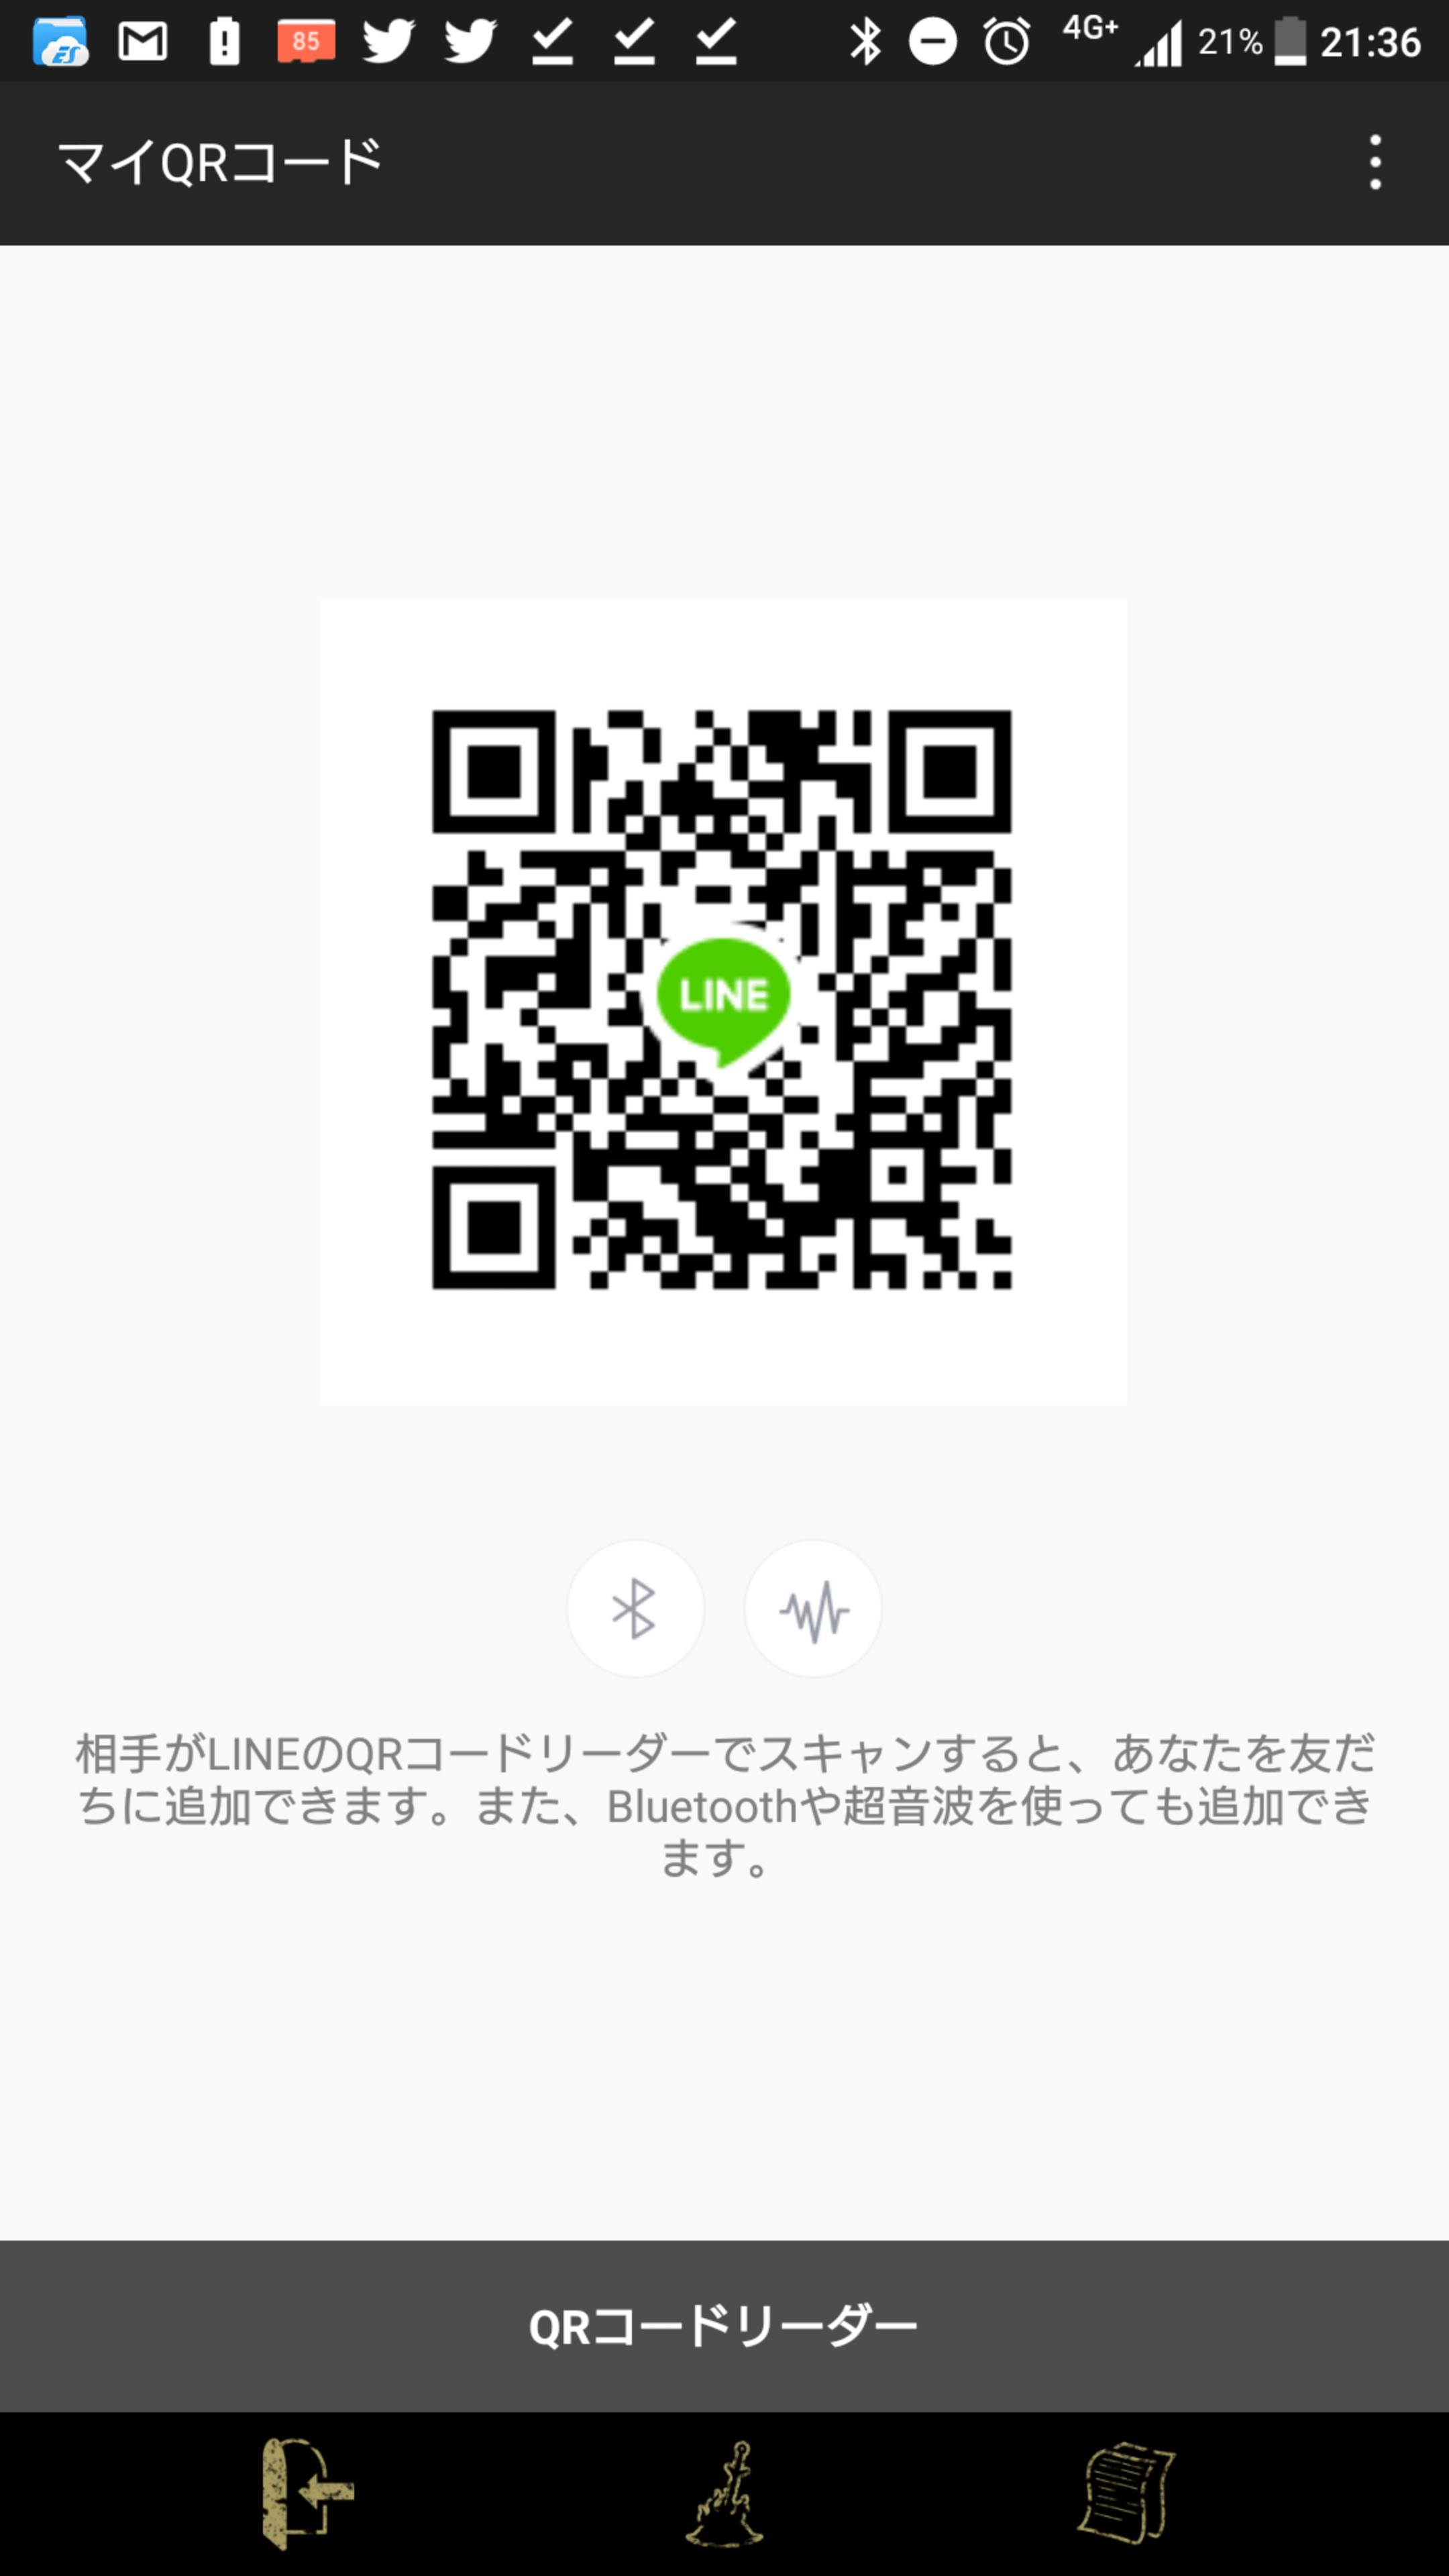 ゆこさんのLINE QRコード